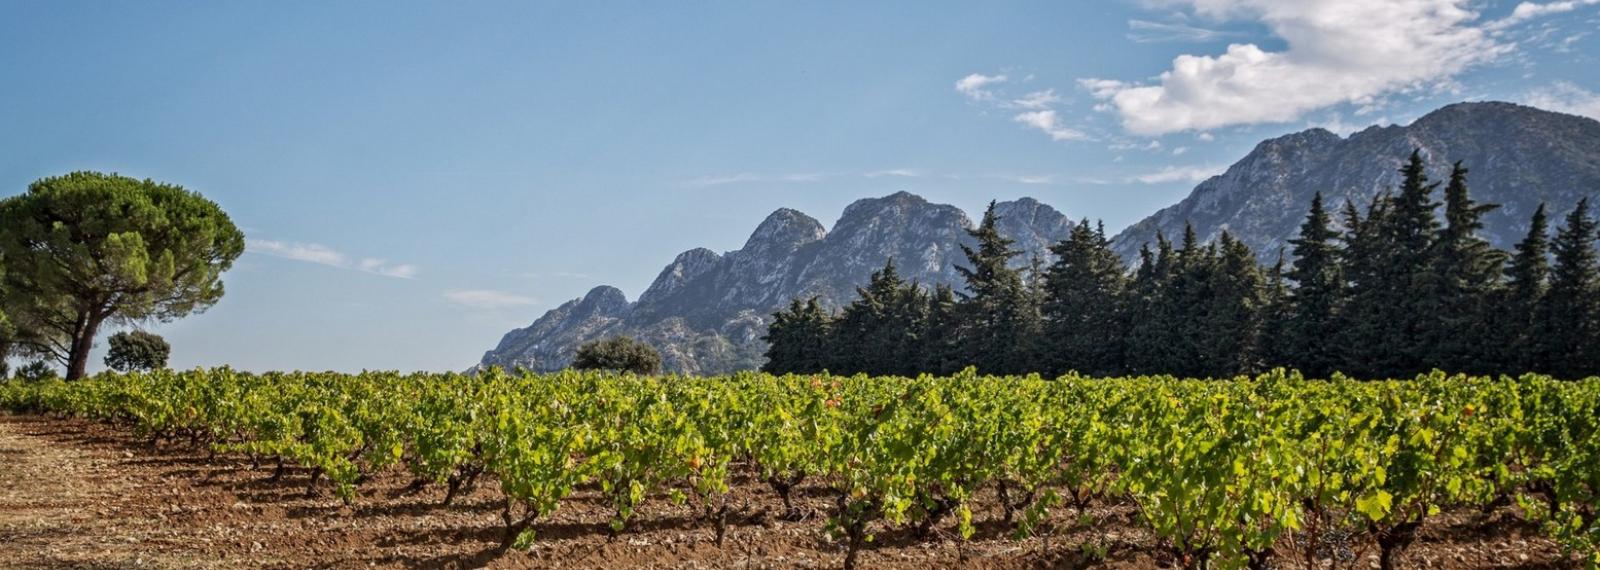 Vignoble Chateau Romanin à Saint-Rémy-de-Provence